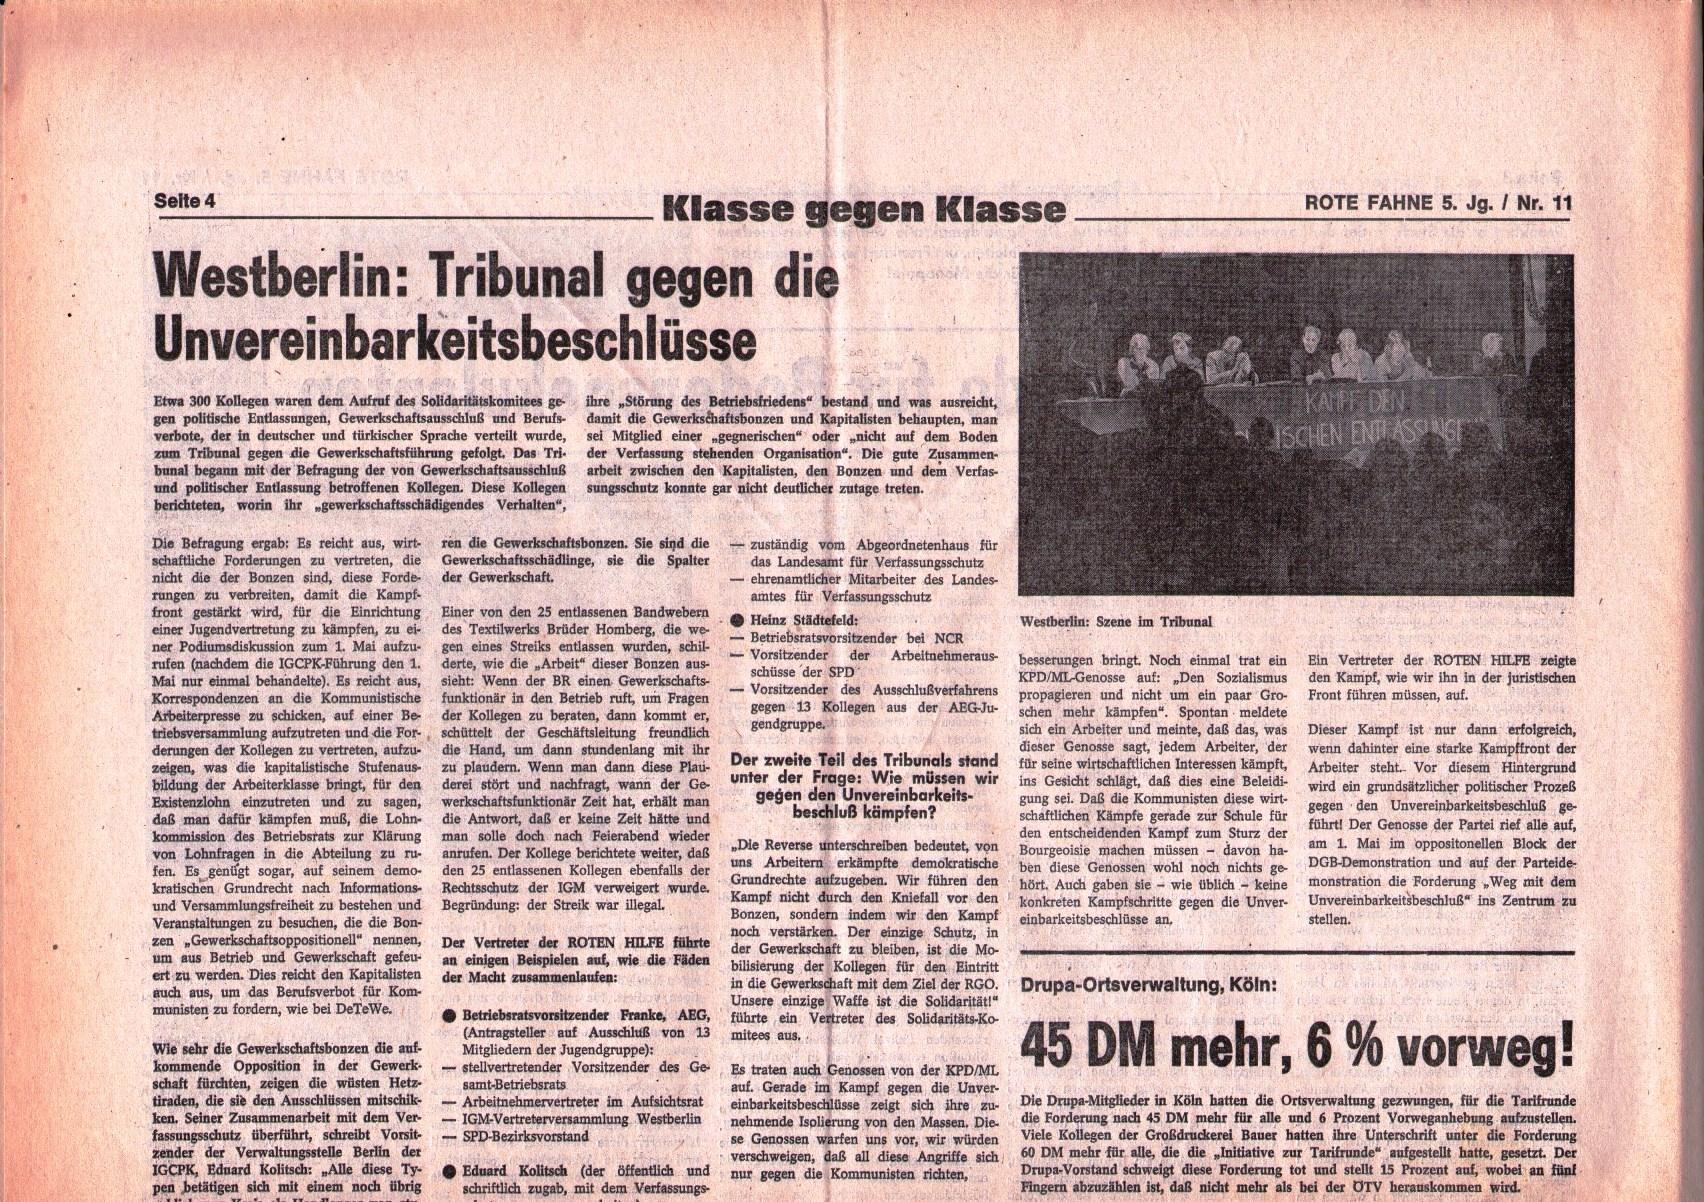 KPD_Rote_Fahne_1974_11_07